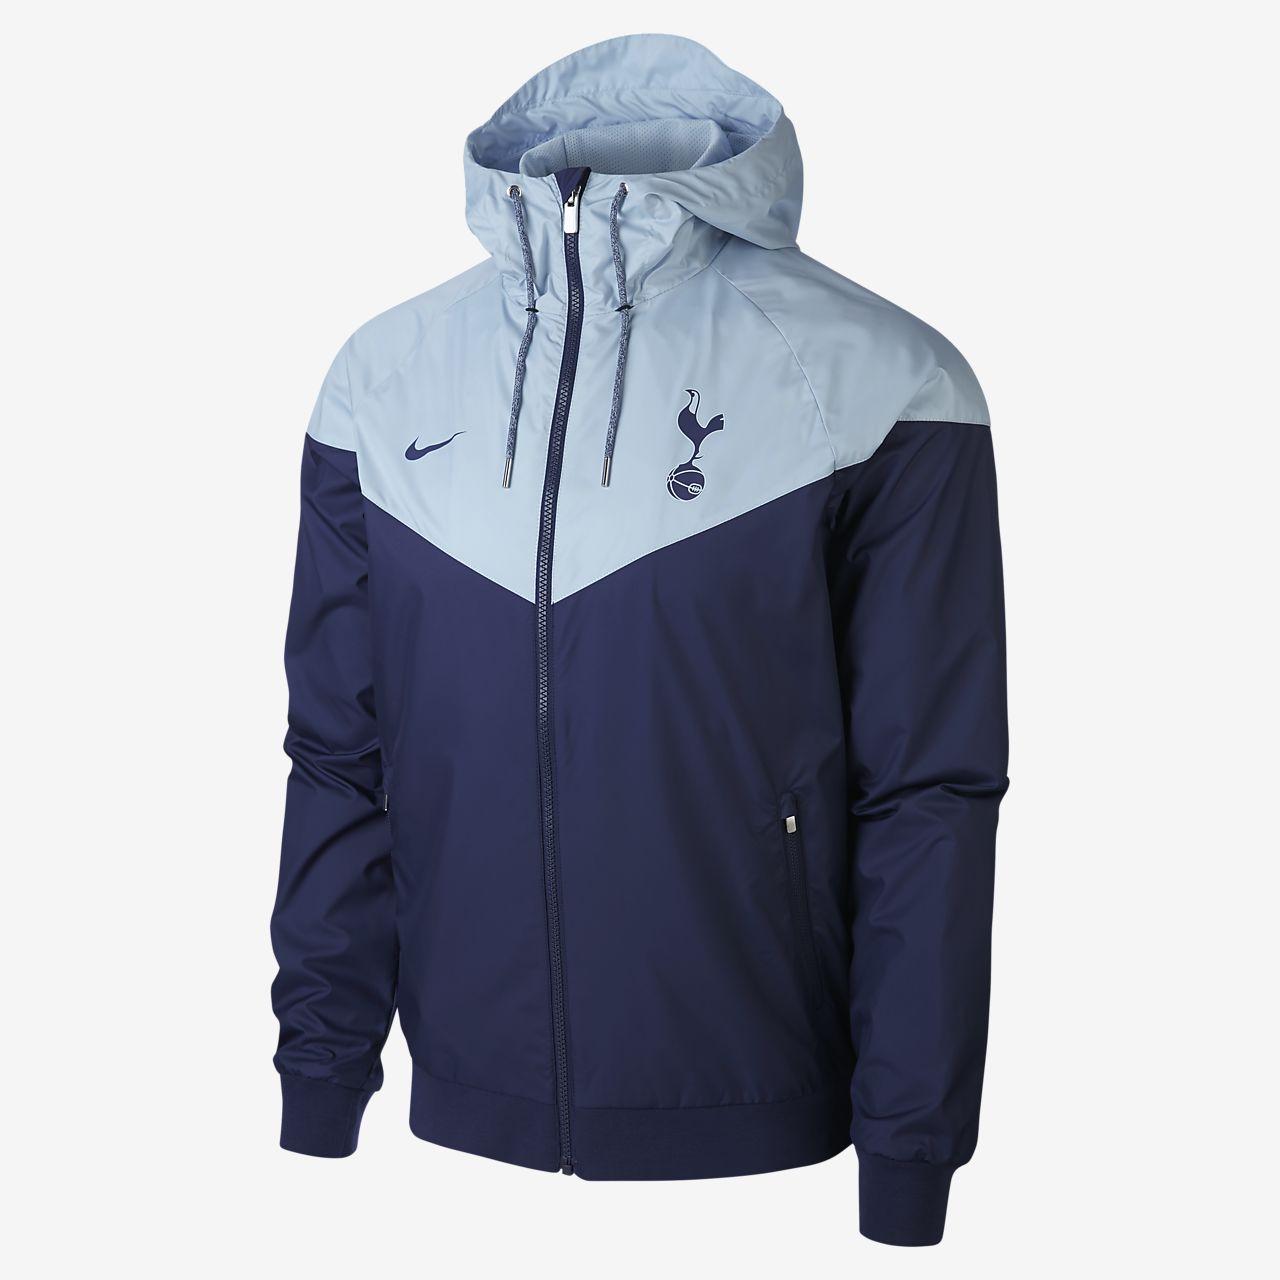 Low Resolution Tottenham Hotspur Authentic Windrunner Men's Jacket  Tottenham Hotspur Authentic Windrunner Men's Jacket